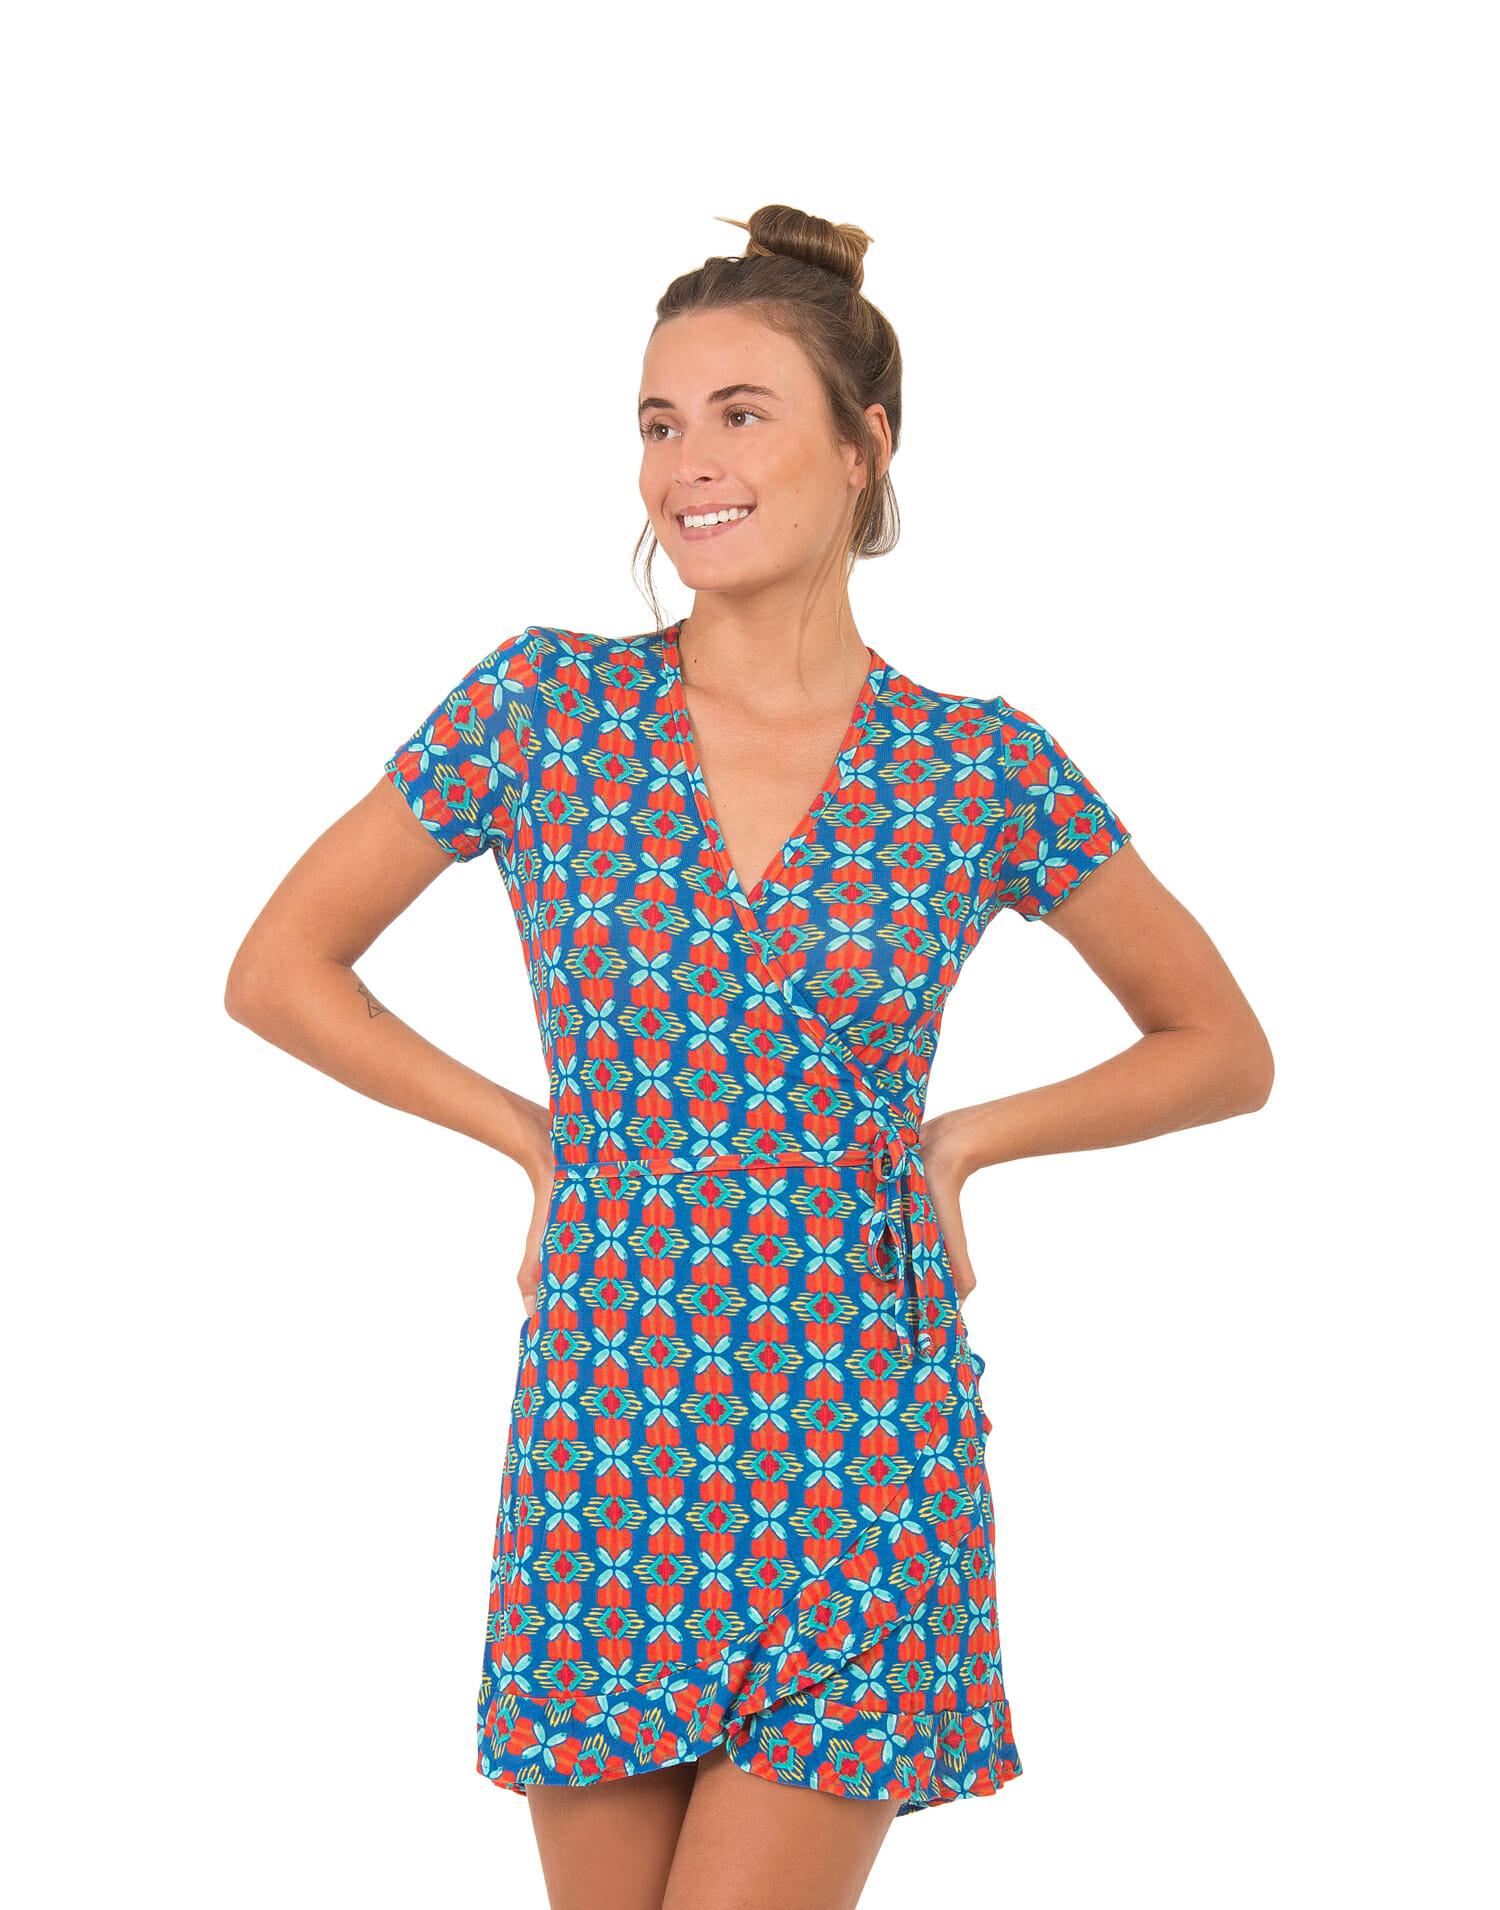 vestido-transpassado-bahia Dia dos Namorados: O presente ideal para cada signo